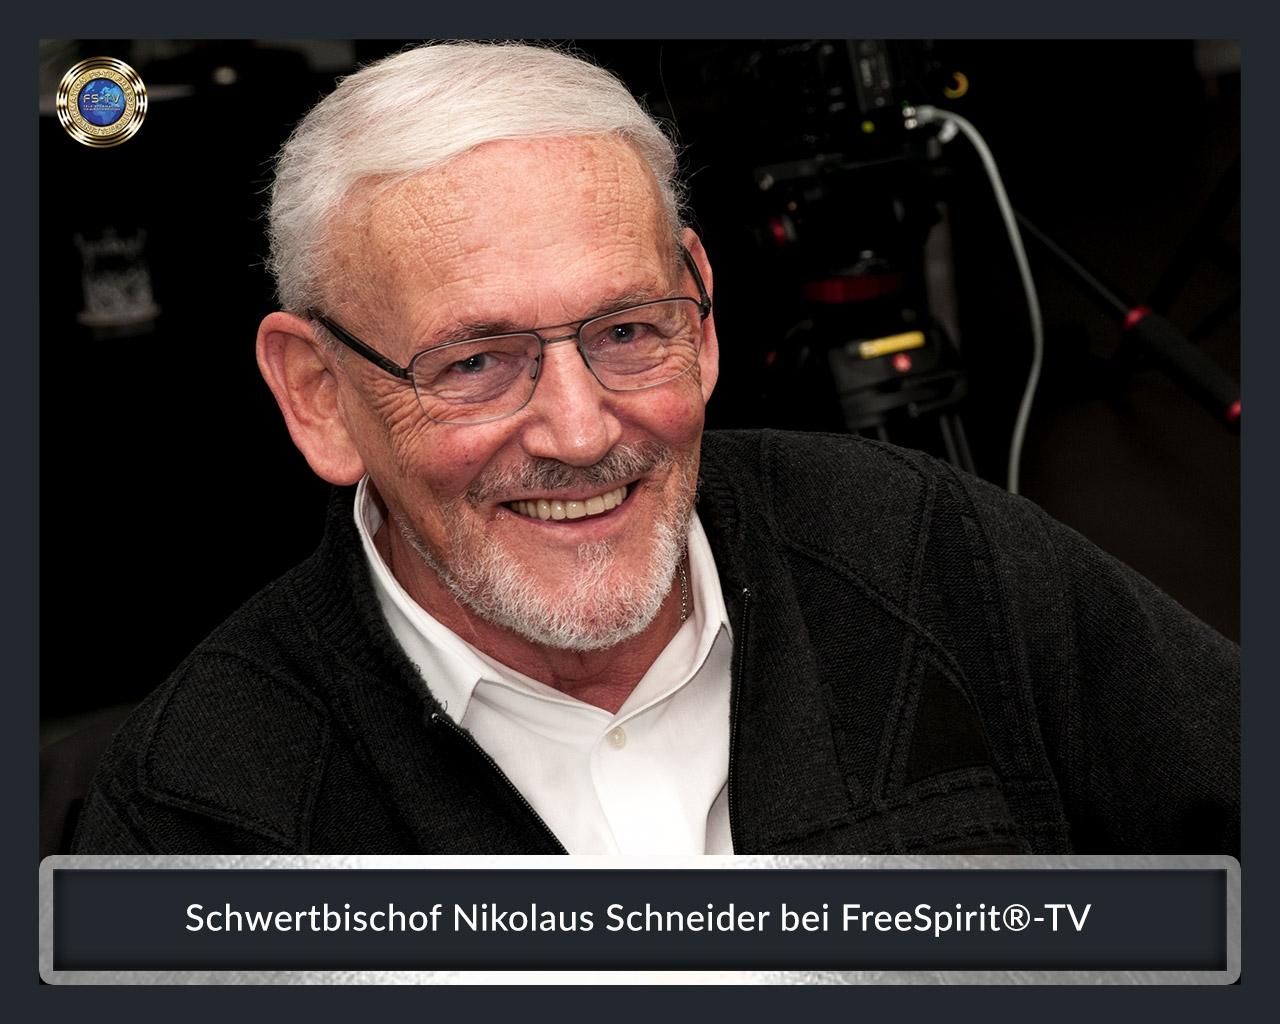 FS-TV-Bildergallerie-Schwertbischof-2